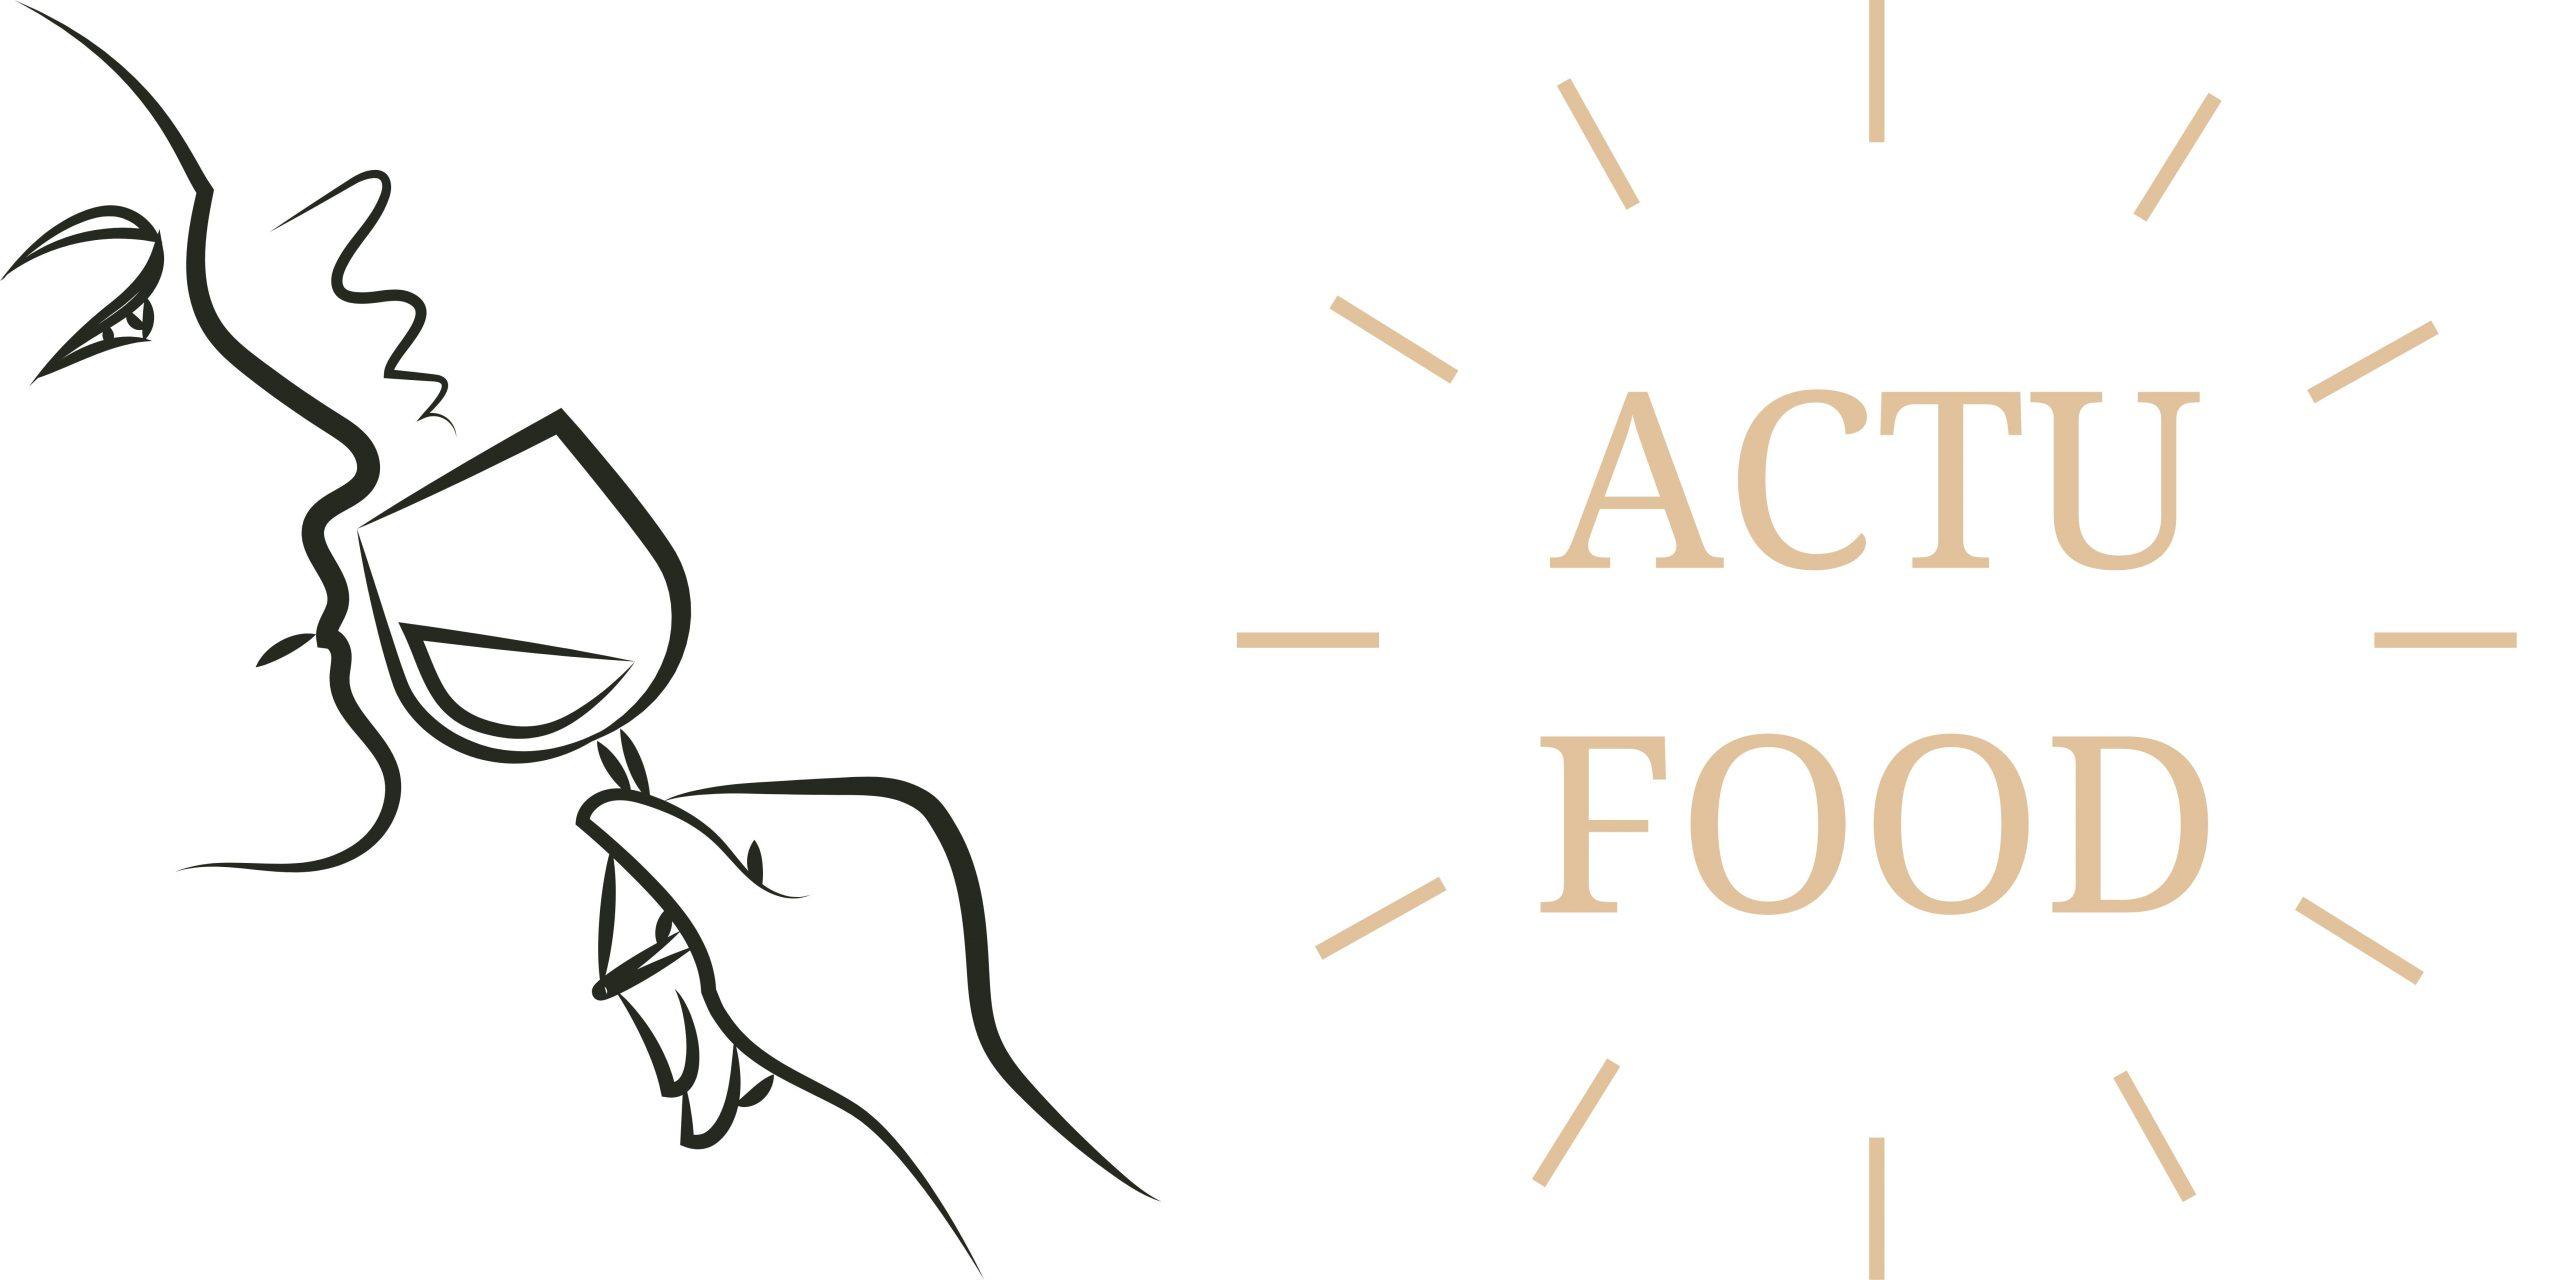 Actu Food